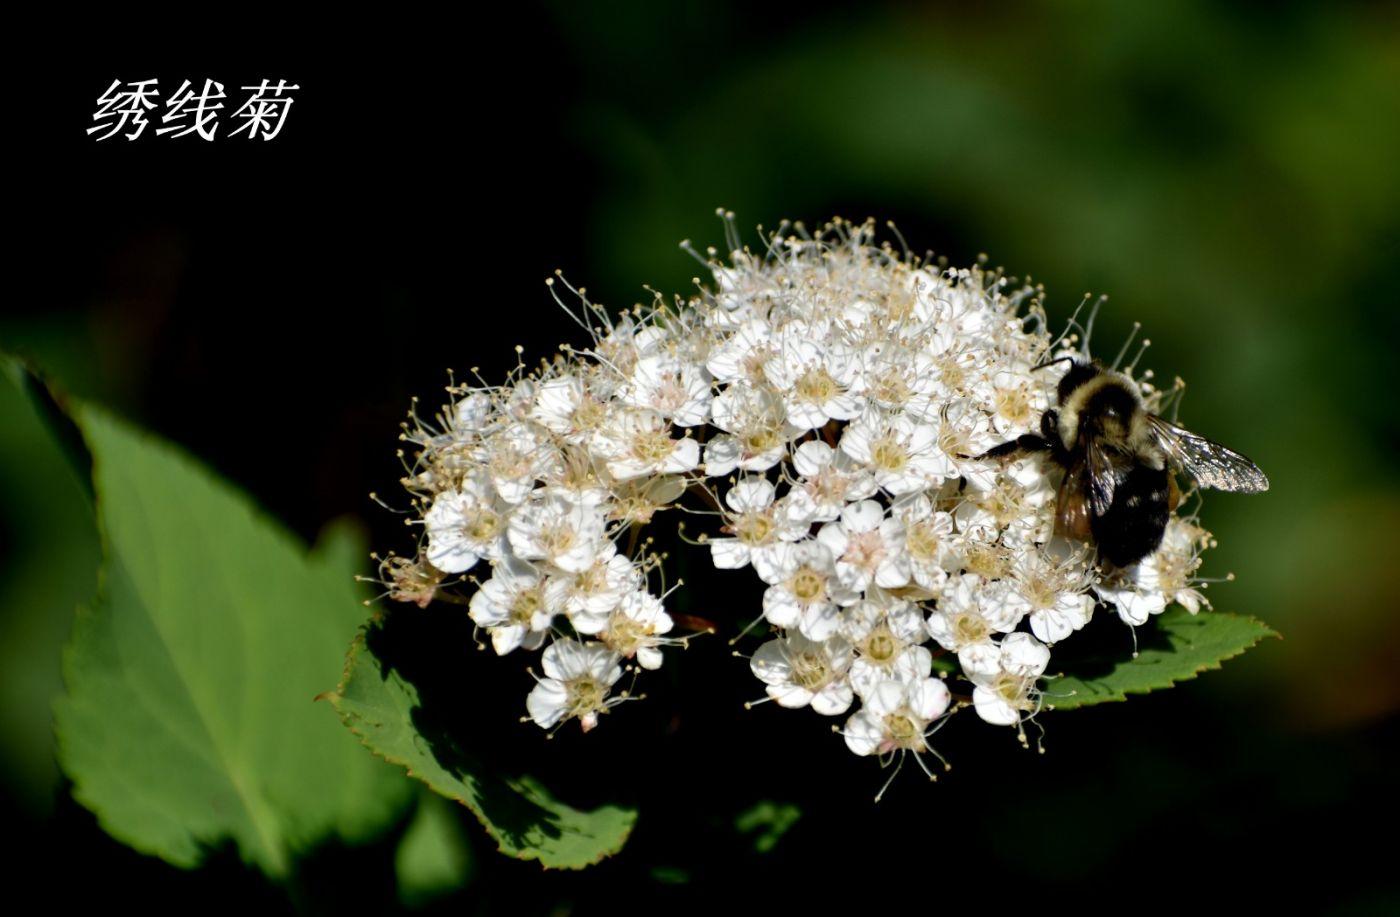 花草图谱 (30)_图1-31